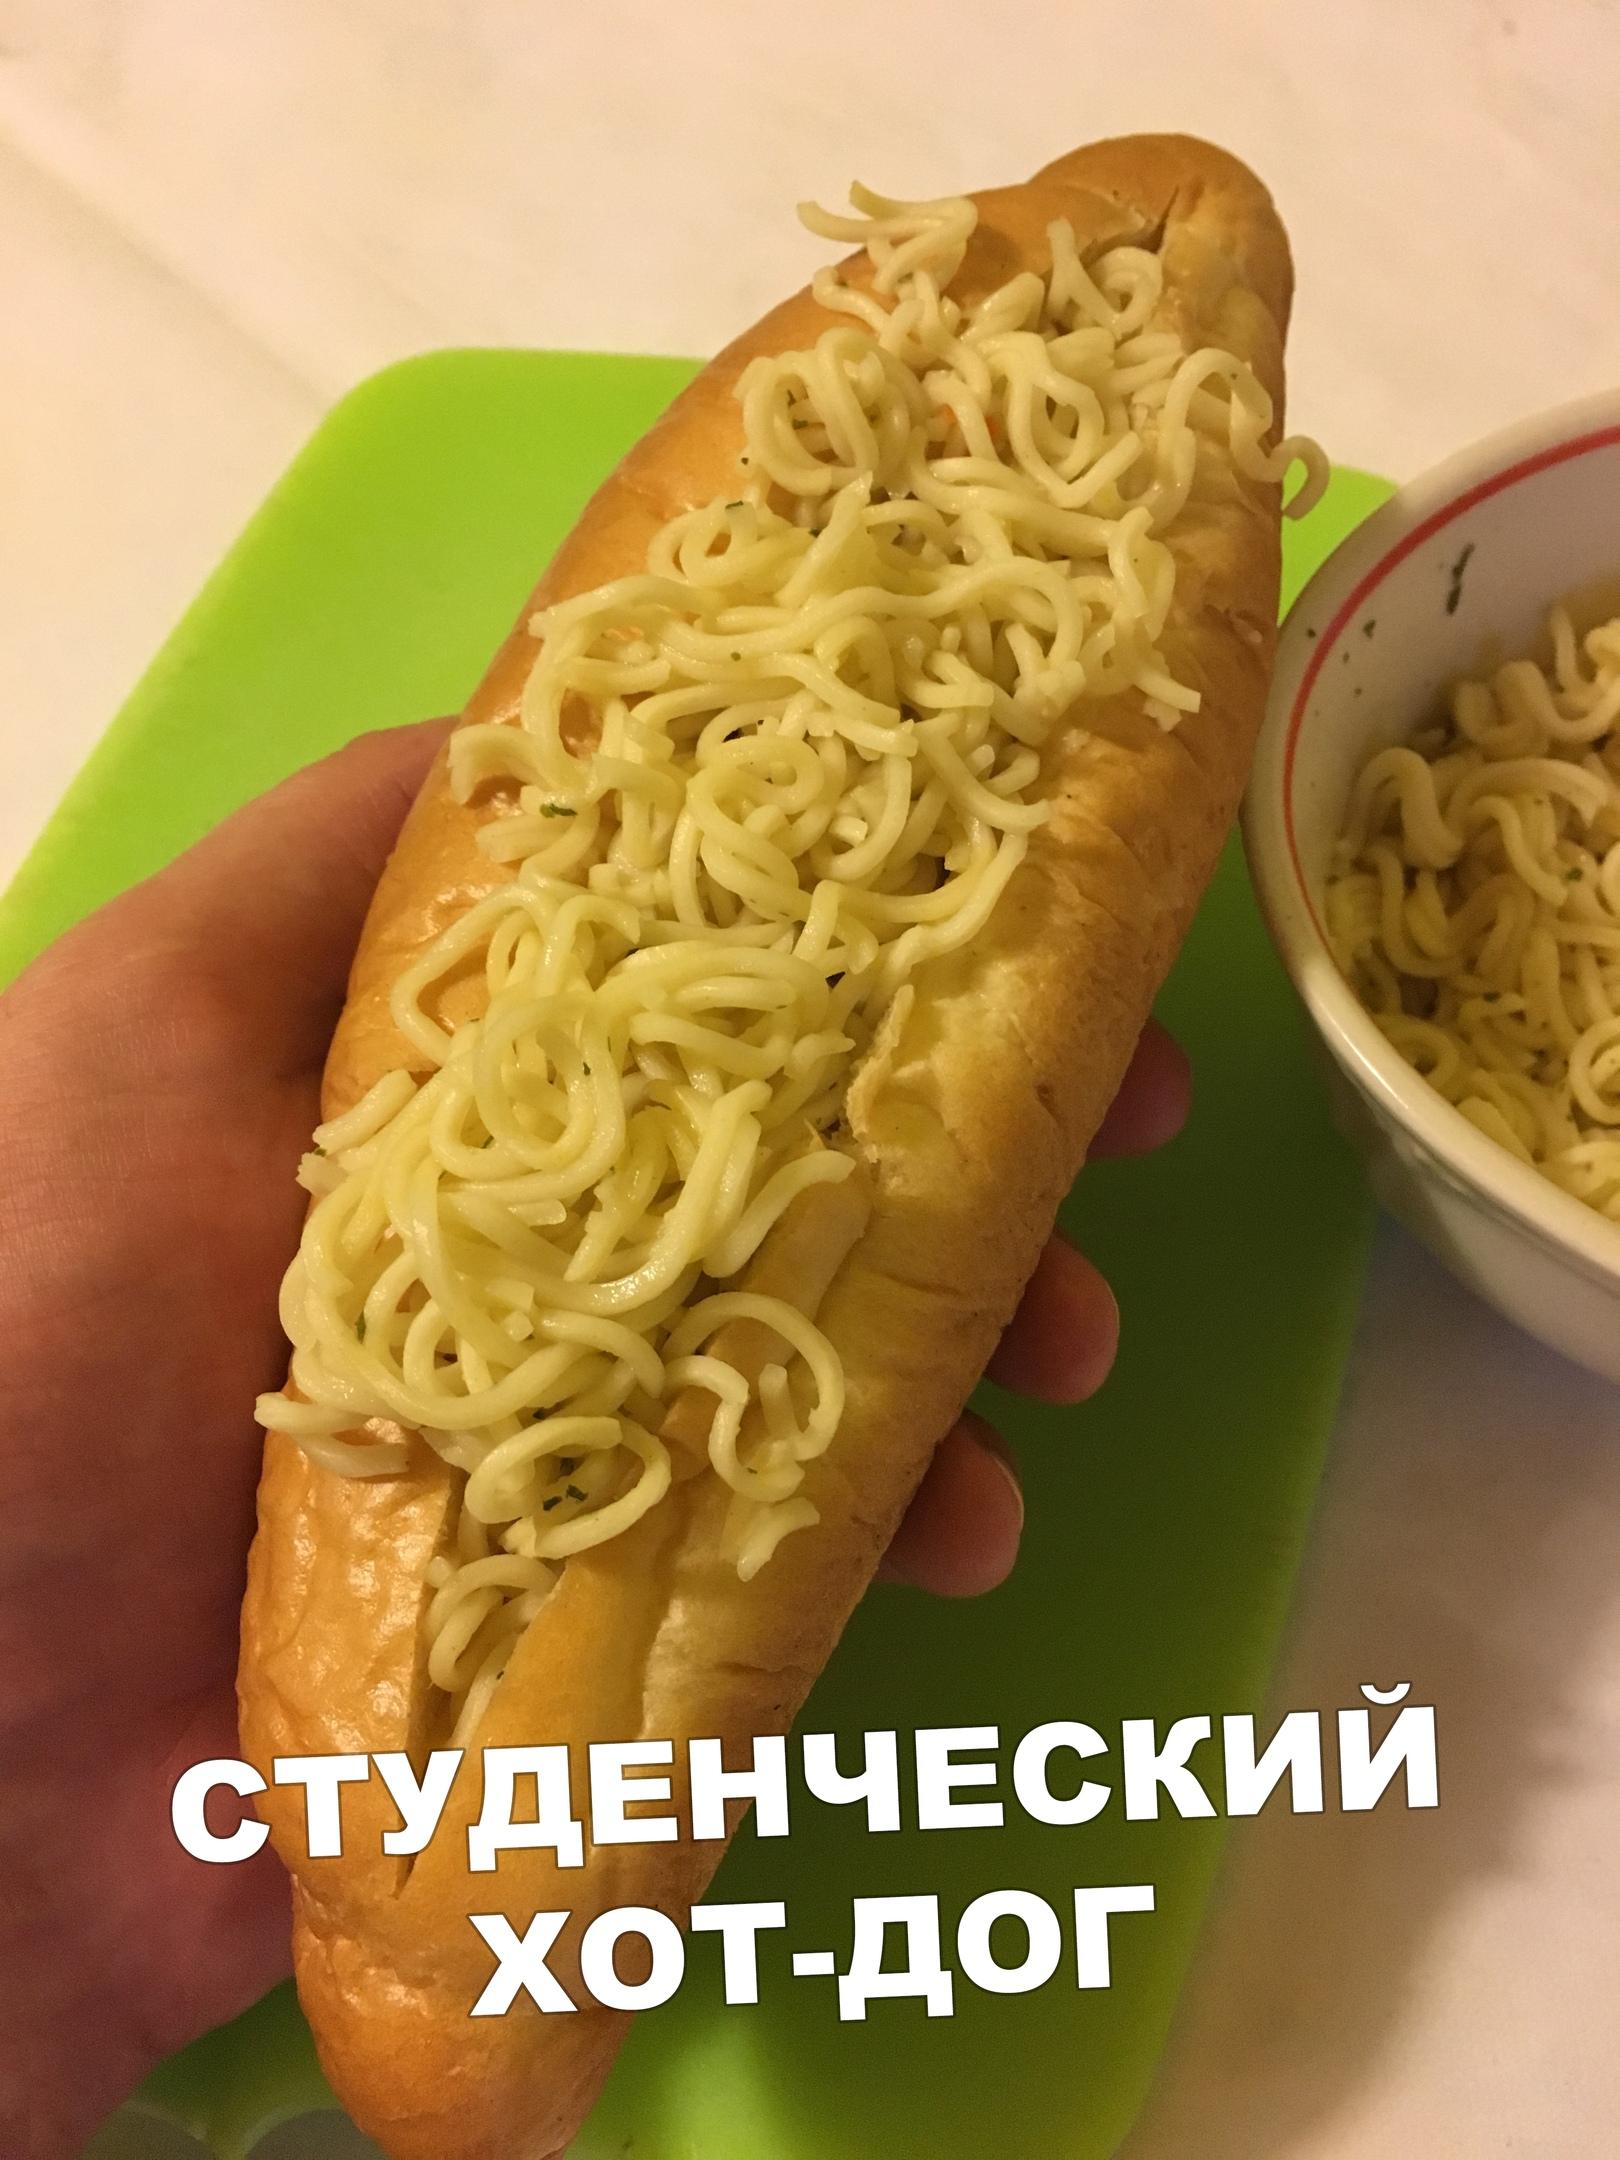 Вкуснейшая студенческая еда